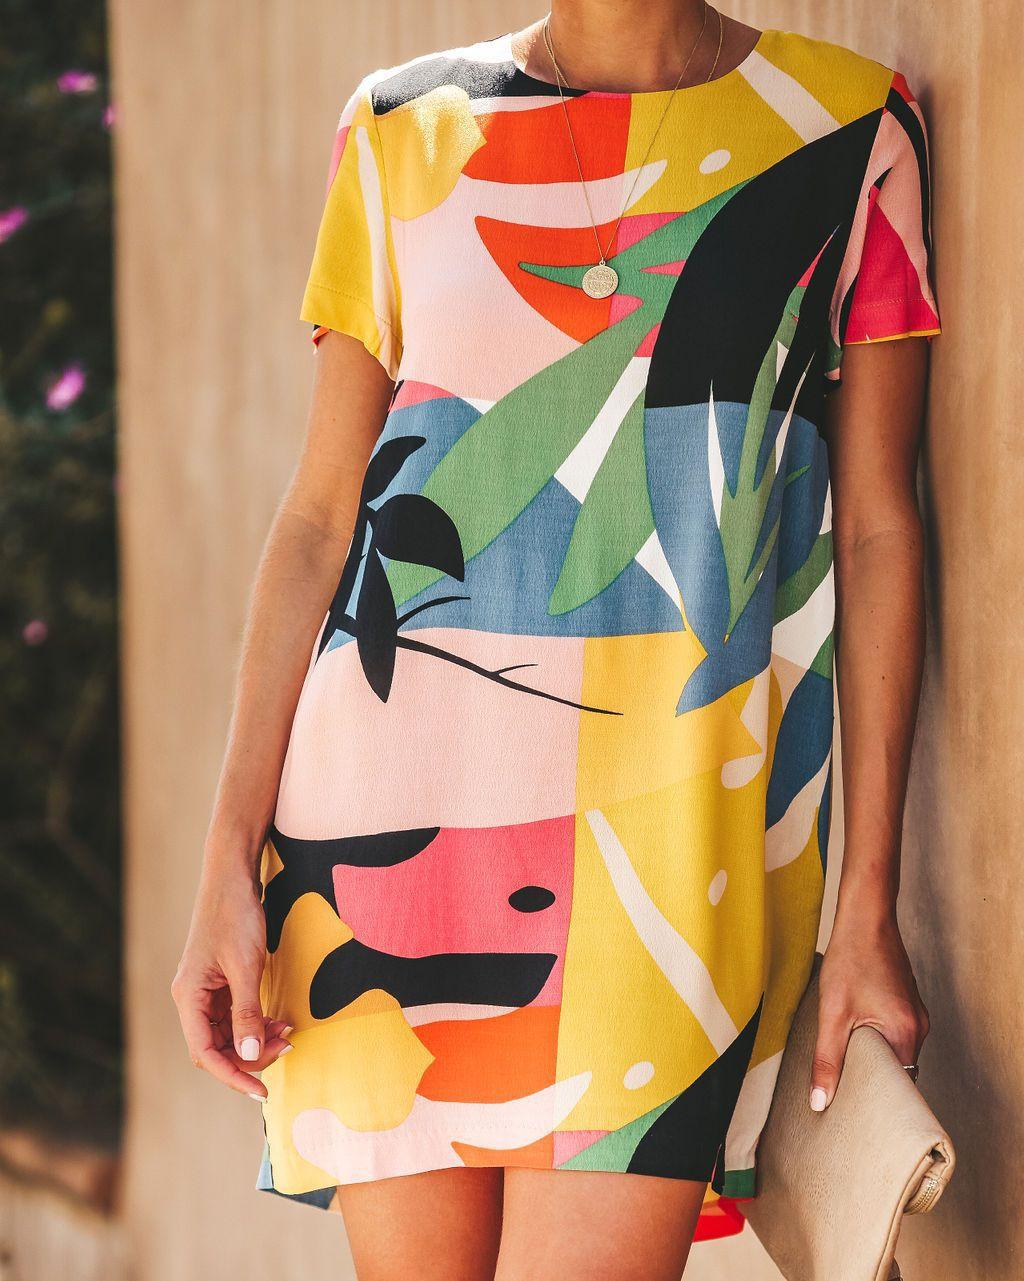 速賣通WISH亞馬遜獨立站爆款2019歐美時尚拼塊圖騰方塊印花連衣裙